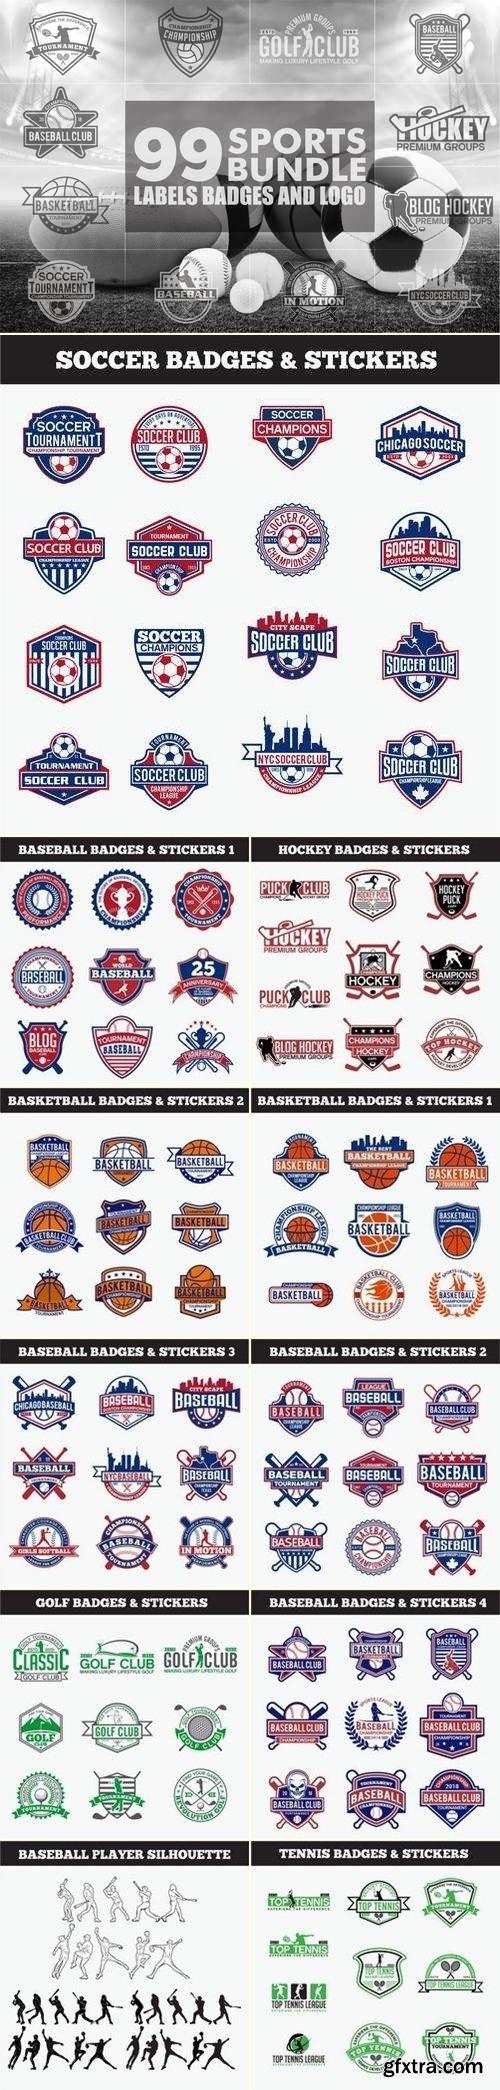 130 sports bundle